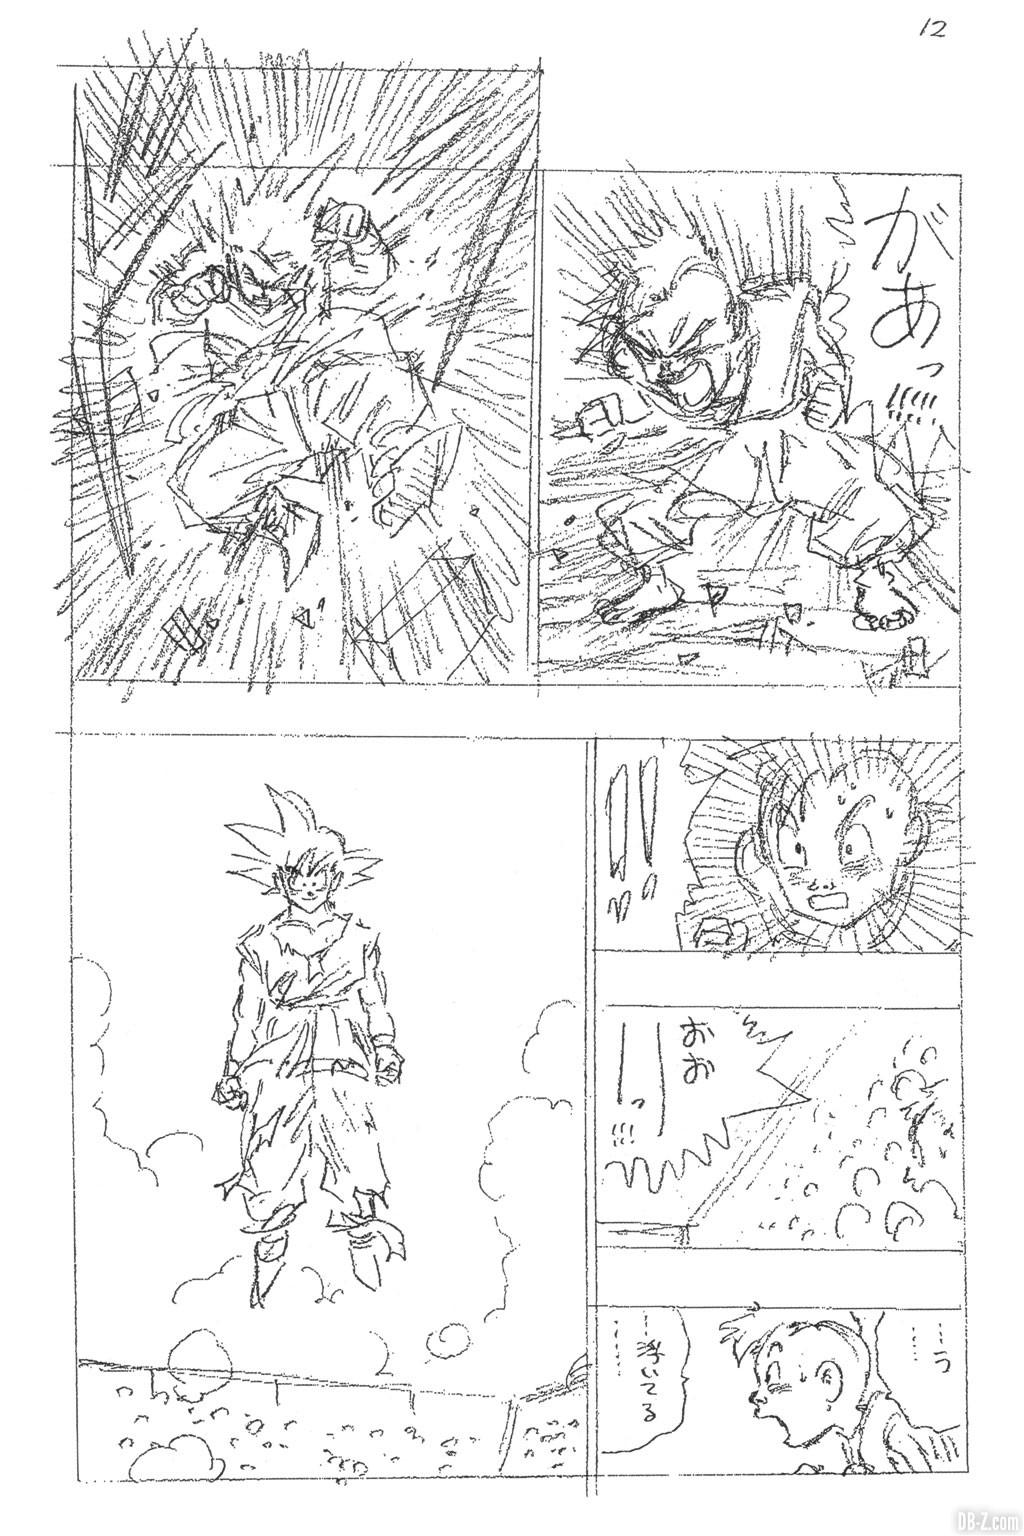 Brouillon Akira Toriyama Dernier Chapitre de Dragon Ball Page 14